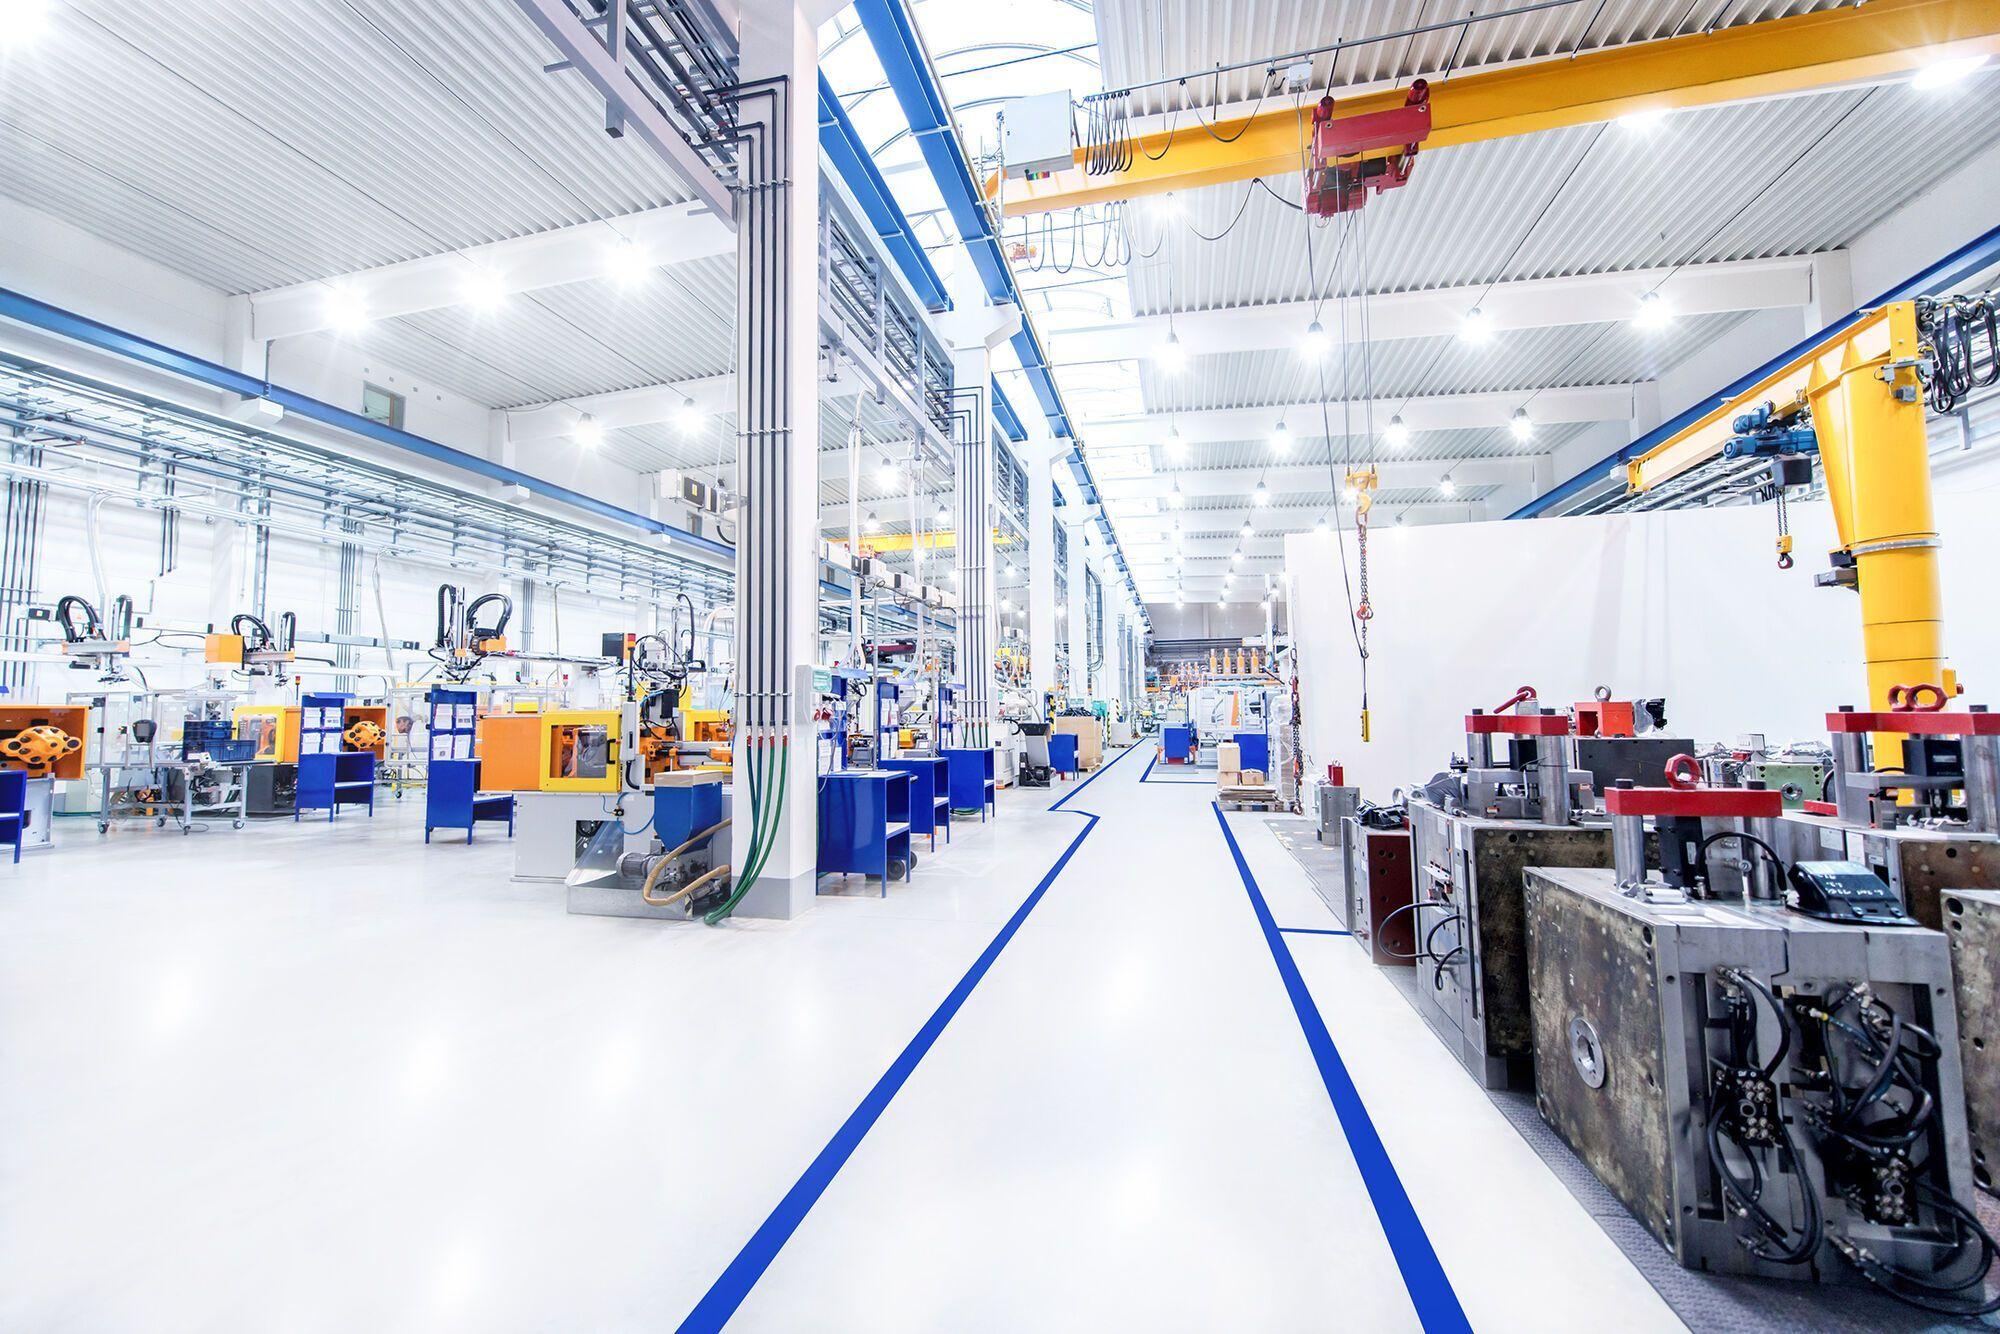 Компания Siemens представила решение, позволяющее организовать и контролировать соблюдение социальной дистанции на производстве